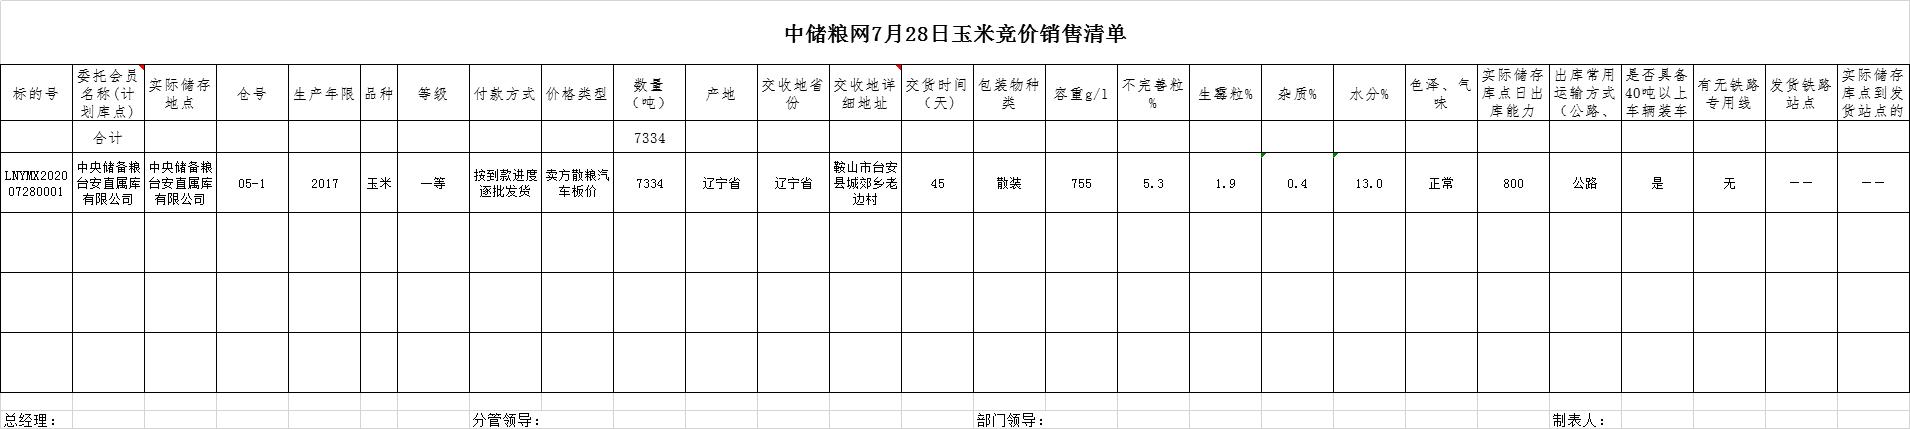 【地储拍卖】关于举办7月28日辽